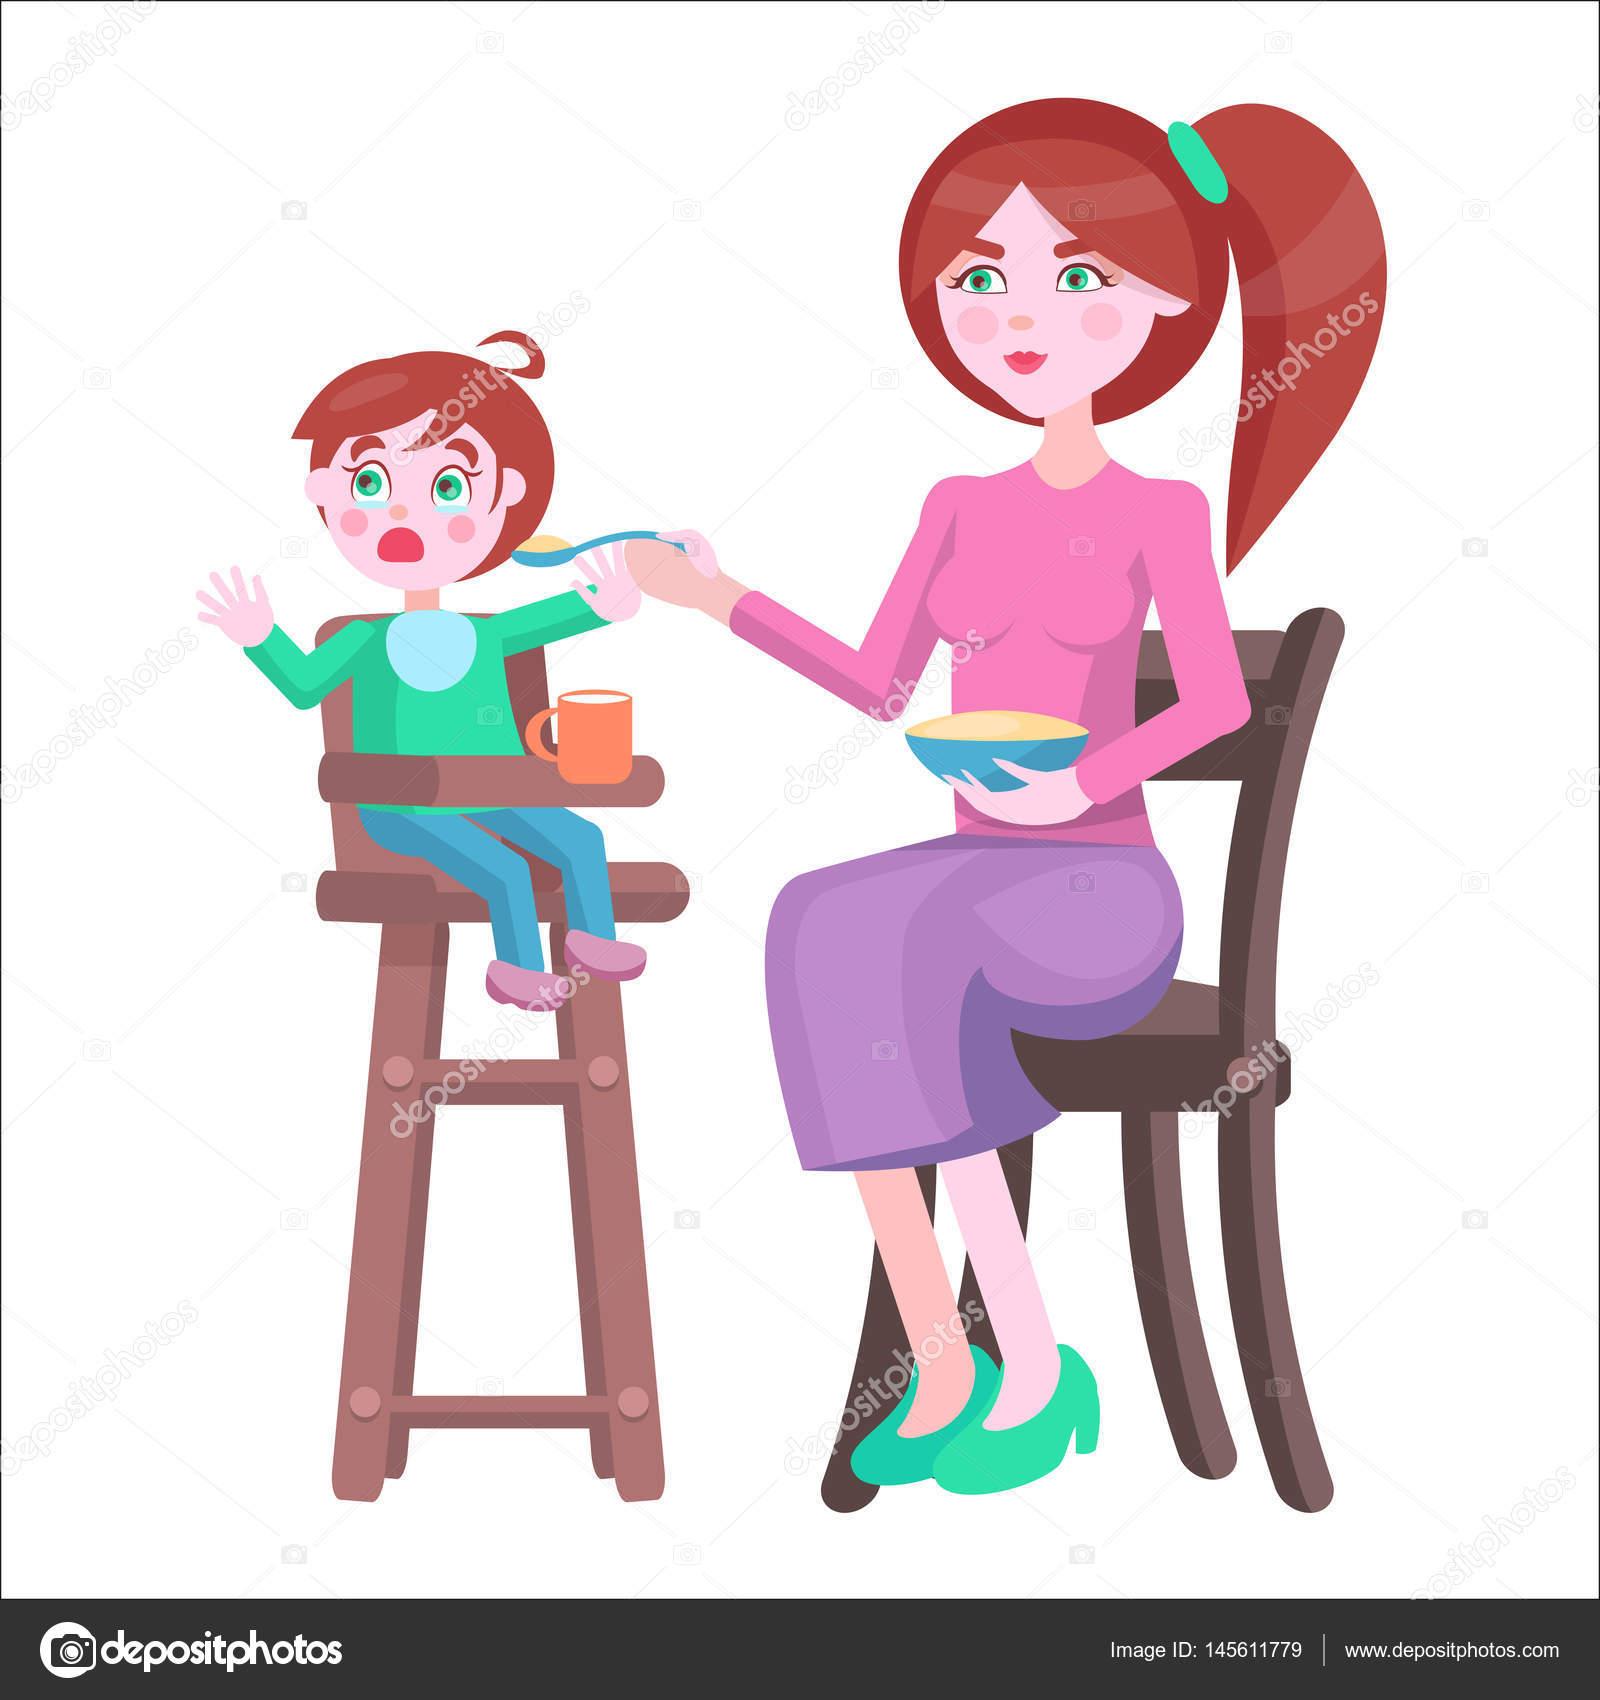 La madre alimenta beb que se sienta y llora en silla for Sillas para comer ninos 3 anos